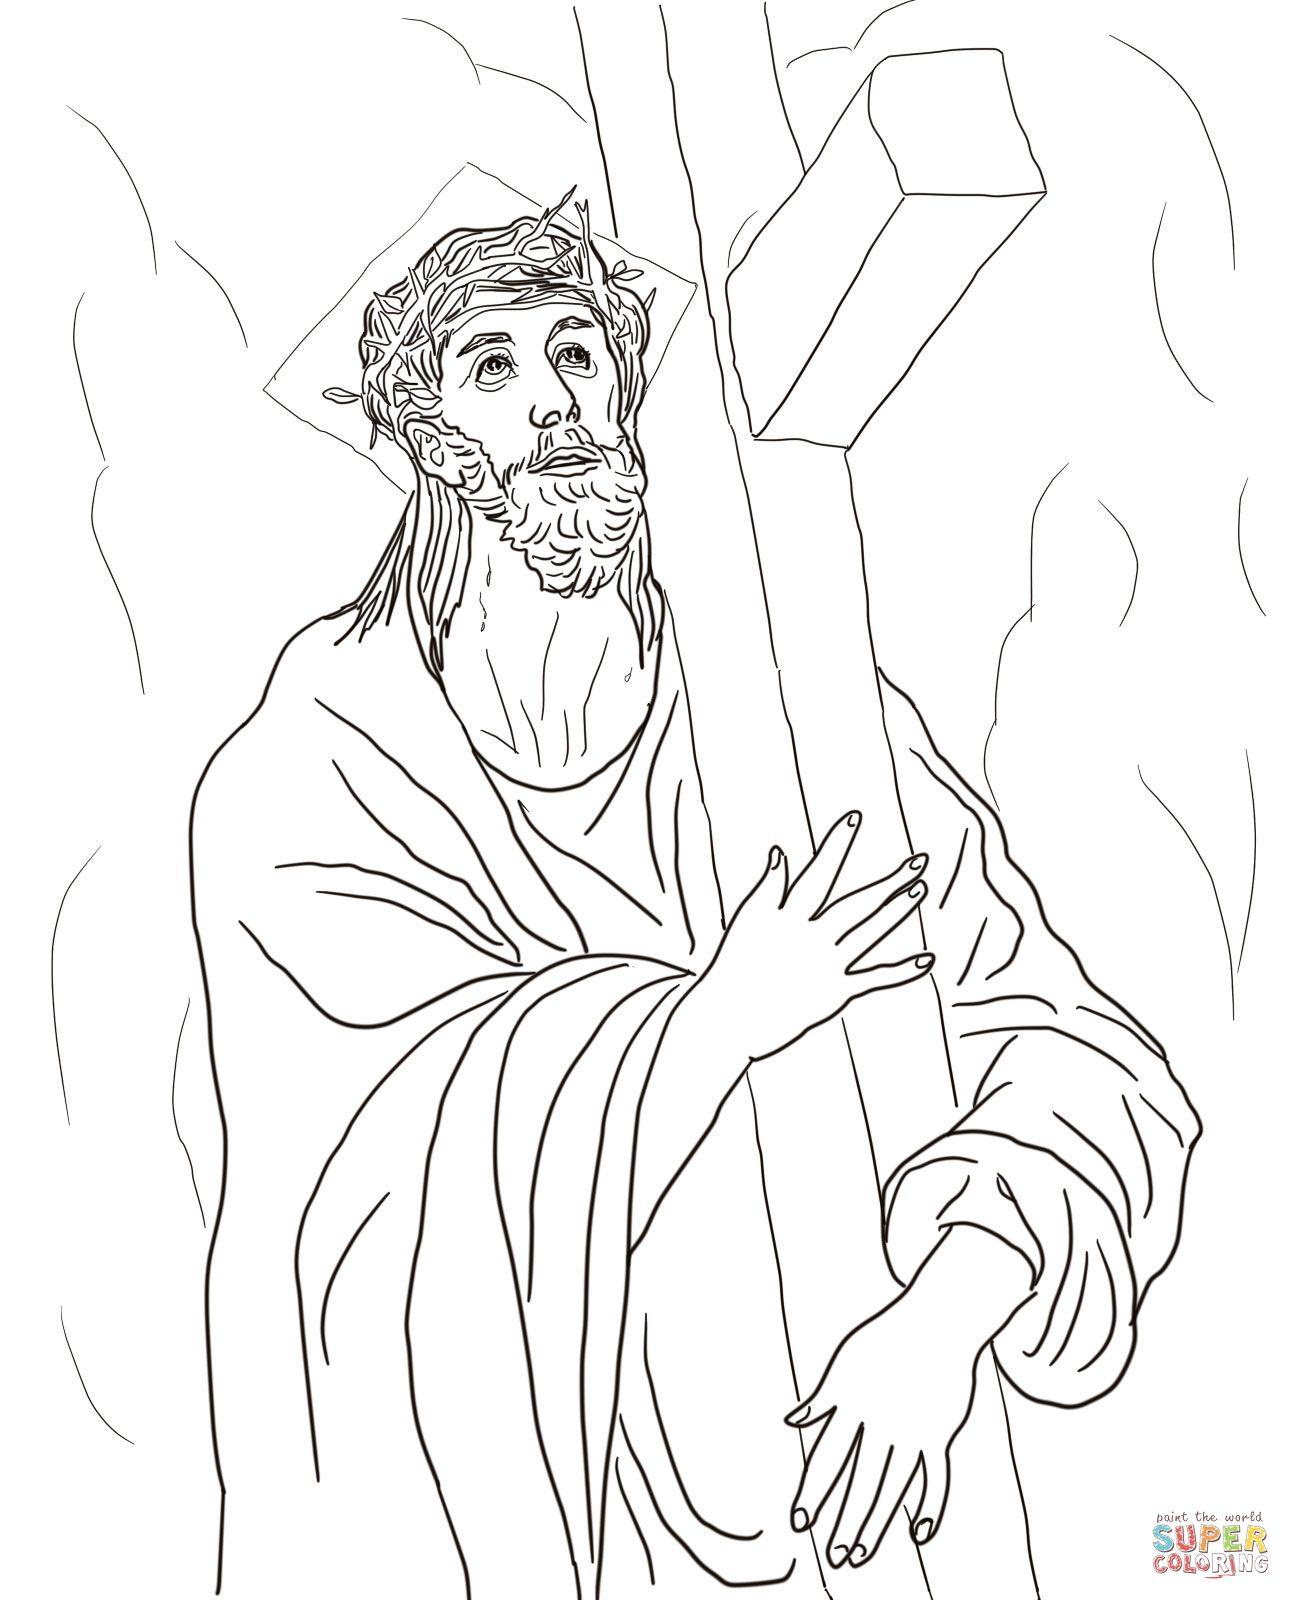 Excepcional Dibujo De Jesus Cross Para Colorear Ideas - Dibujos Para ...